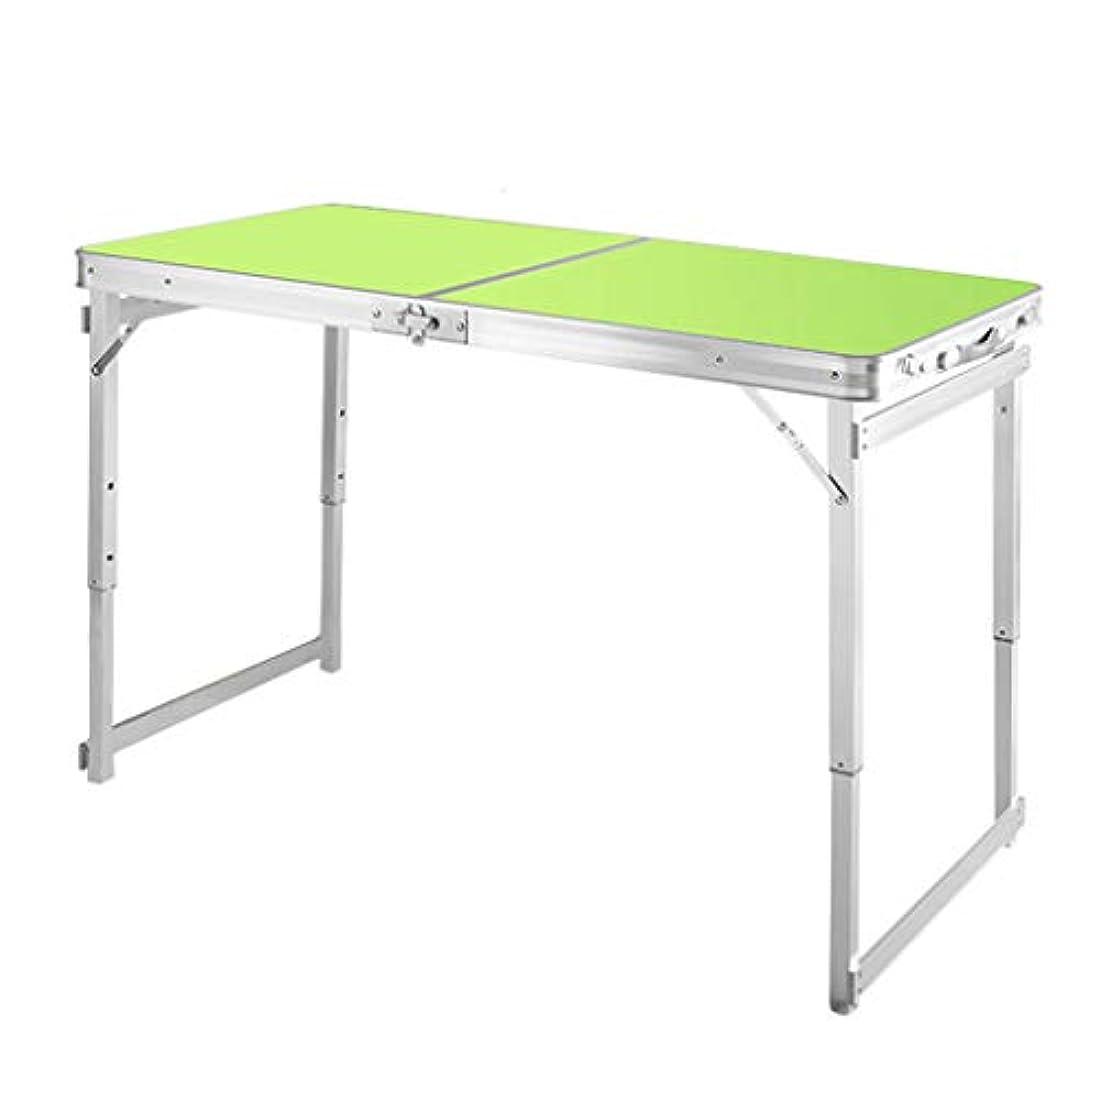 NJ 折りたたみ式テーブル- 屋外折りたたみシンプルなテーブル、家庭用折りたたみテーブルポータブル折りたたみテーブル (色 : Green, サイズ さいず : 120x60x75cm)